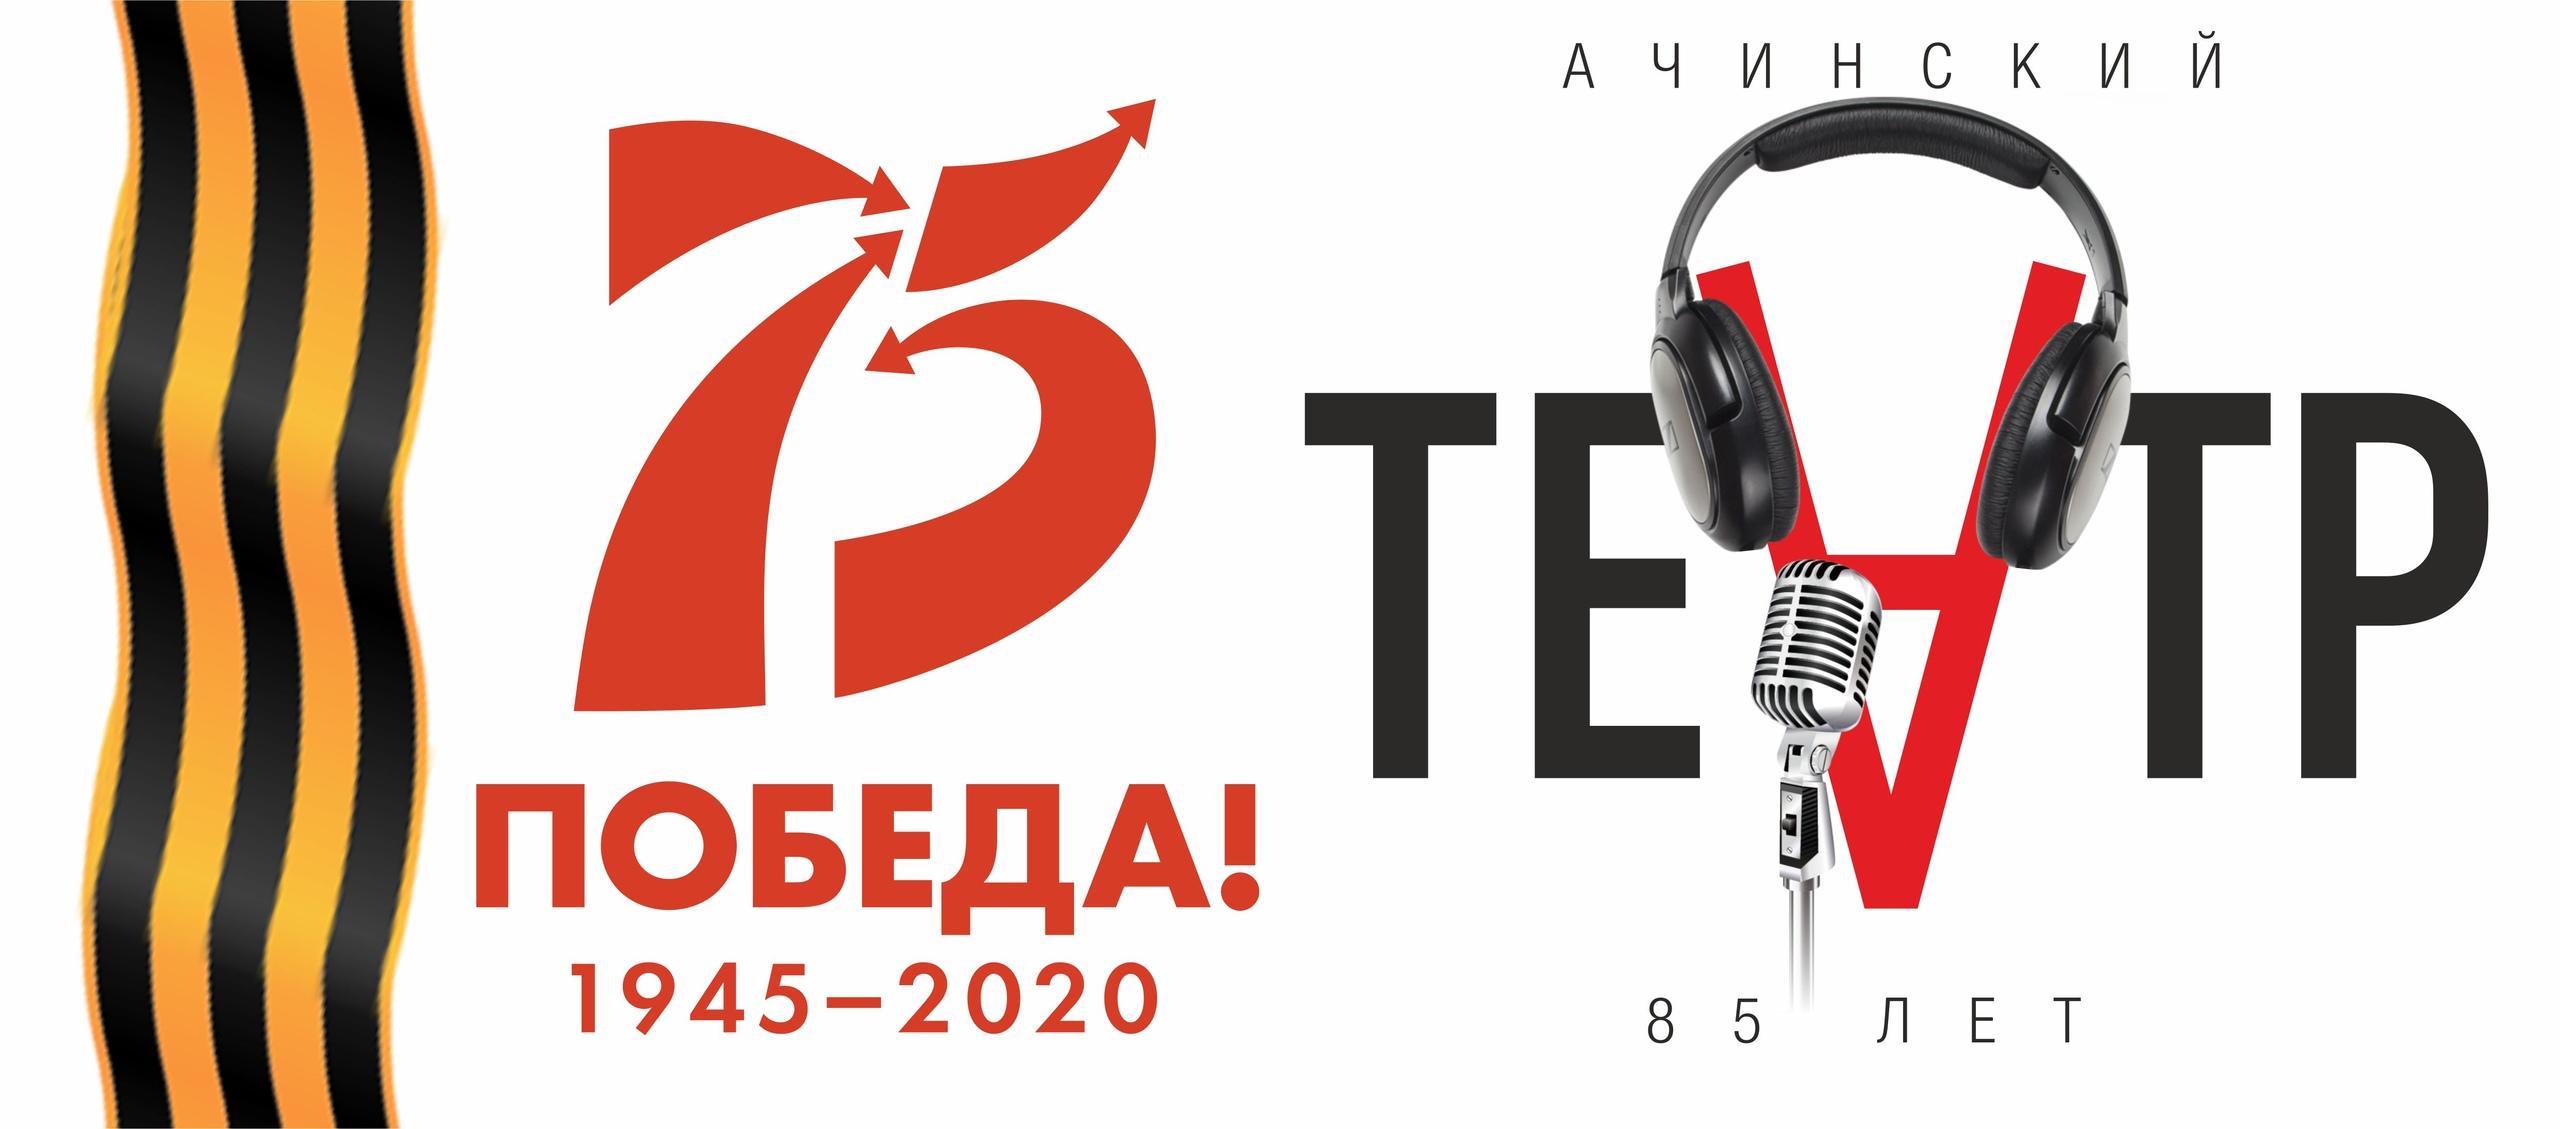 Радио 75 лет победа